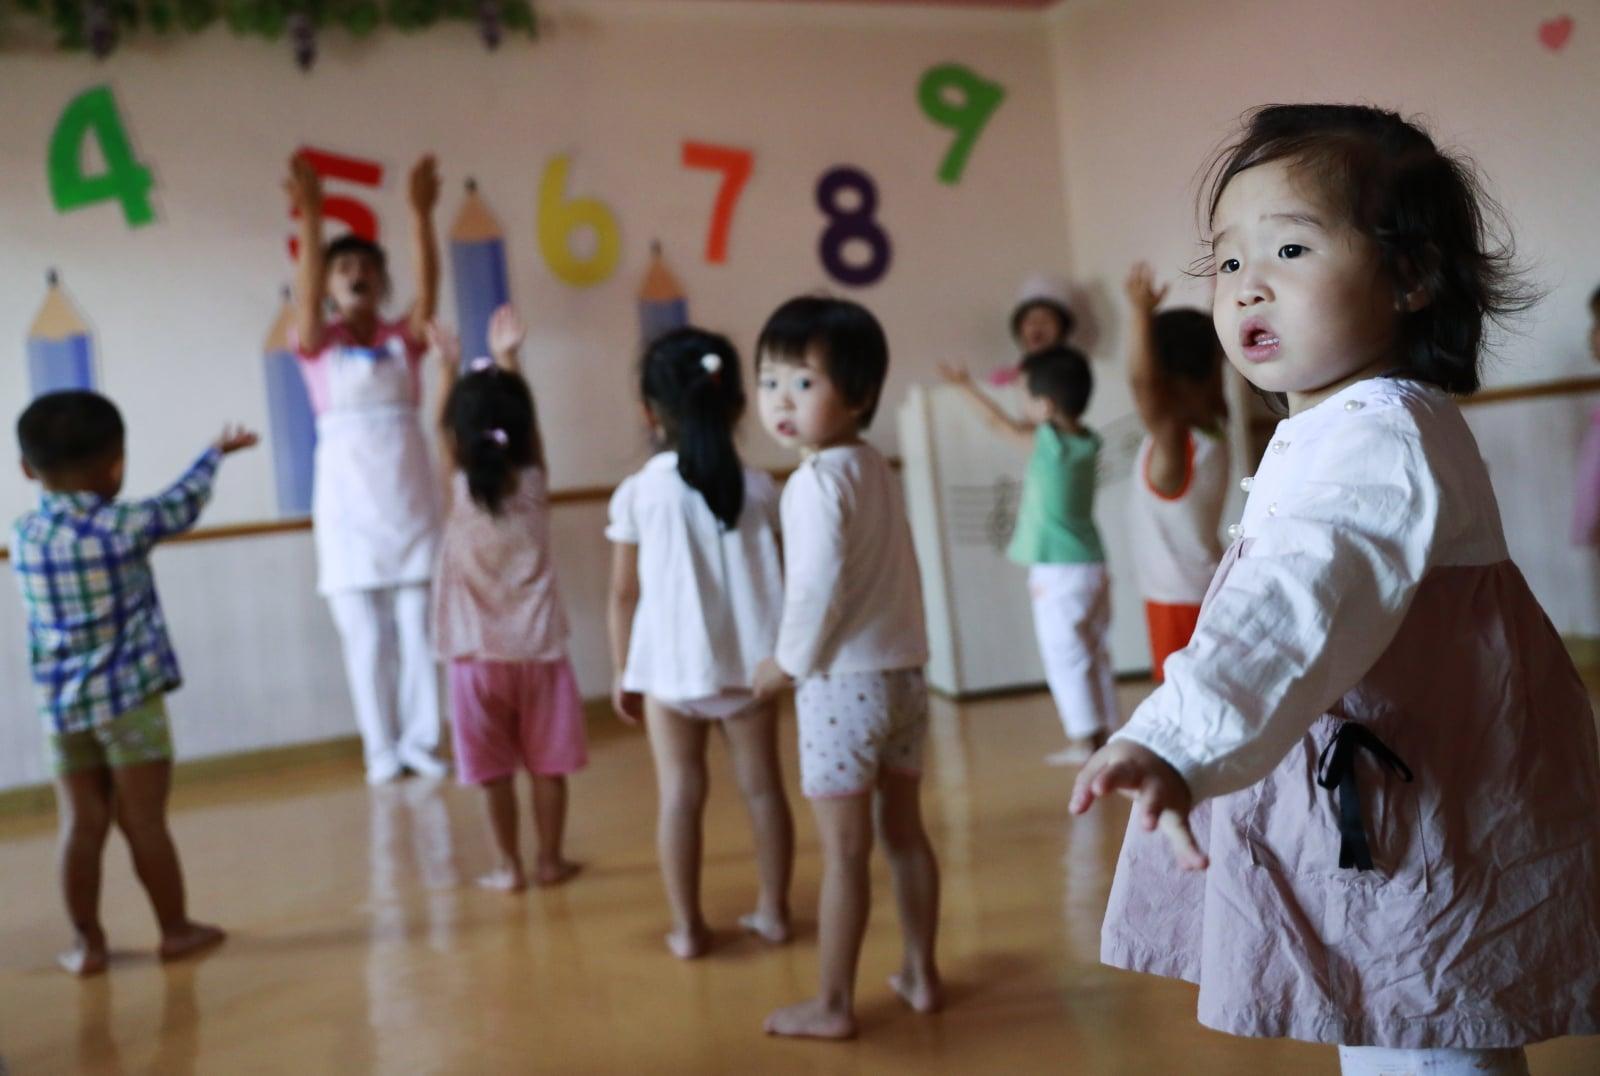 Północnokoreańskie dzieci pracowników fabryki jedwabiu bawią się w zakładowym przedszkolu. Fot. PAP/EPA/HOW HWEE YOUNG